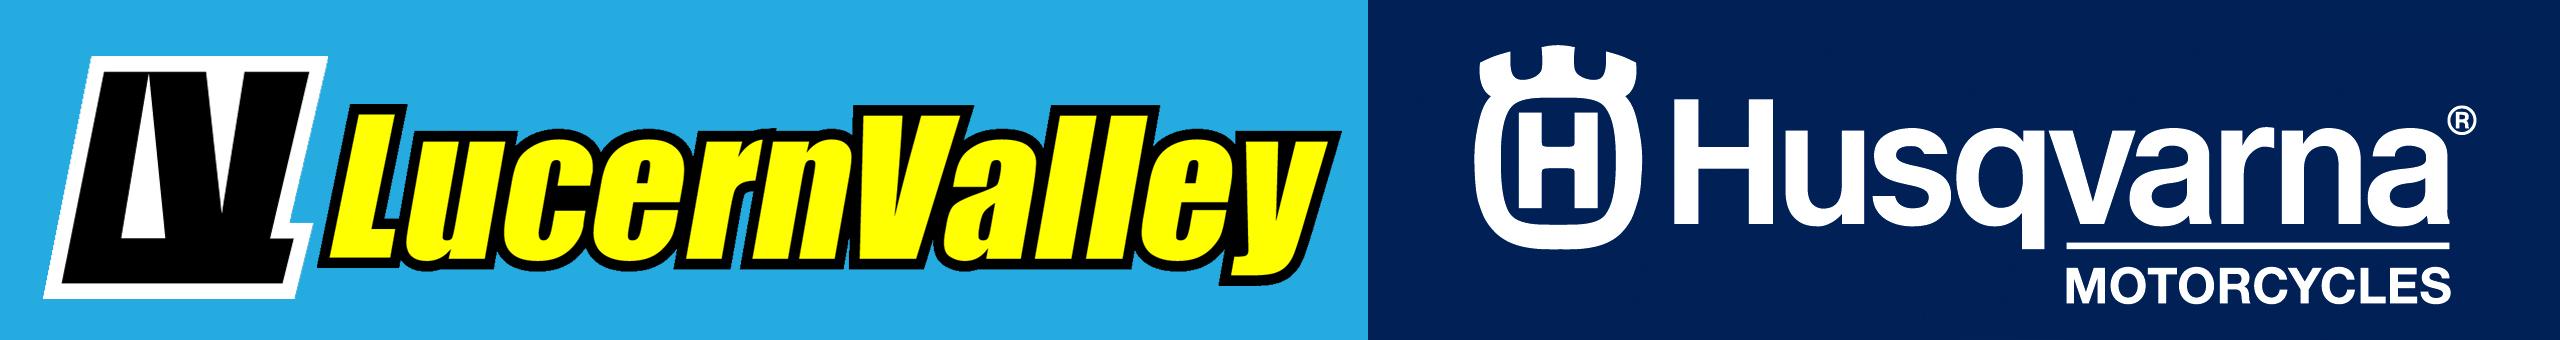 ルサンバレー WEB SHOP